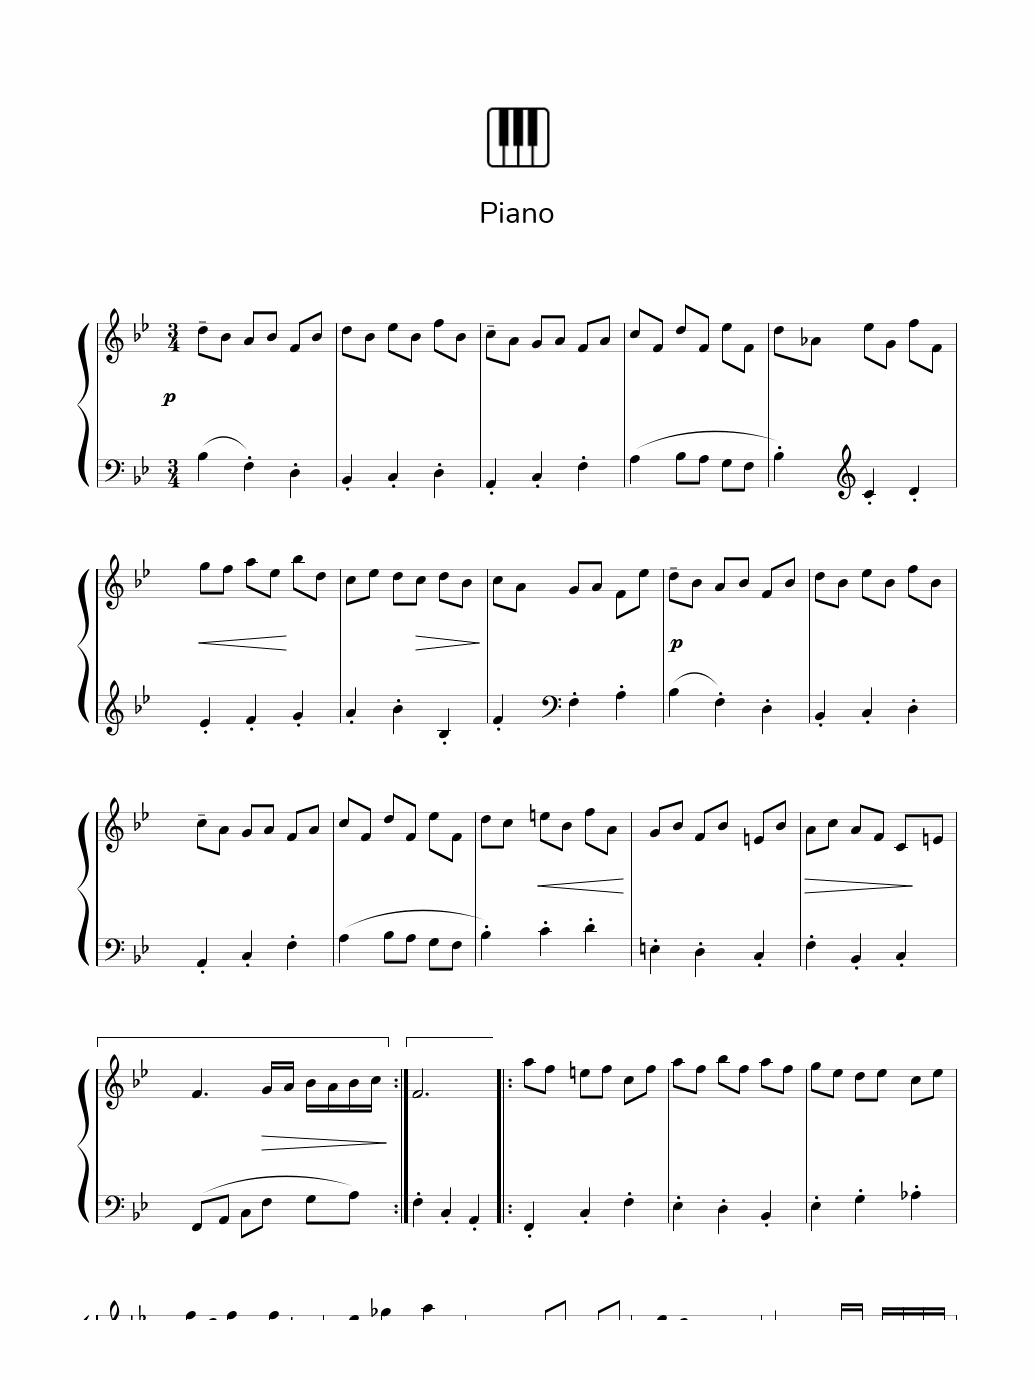 como tocar piano facil para principiantes